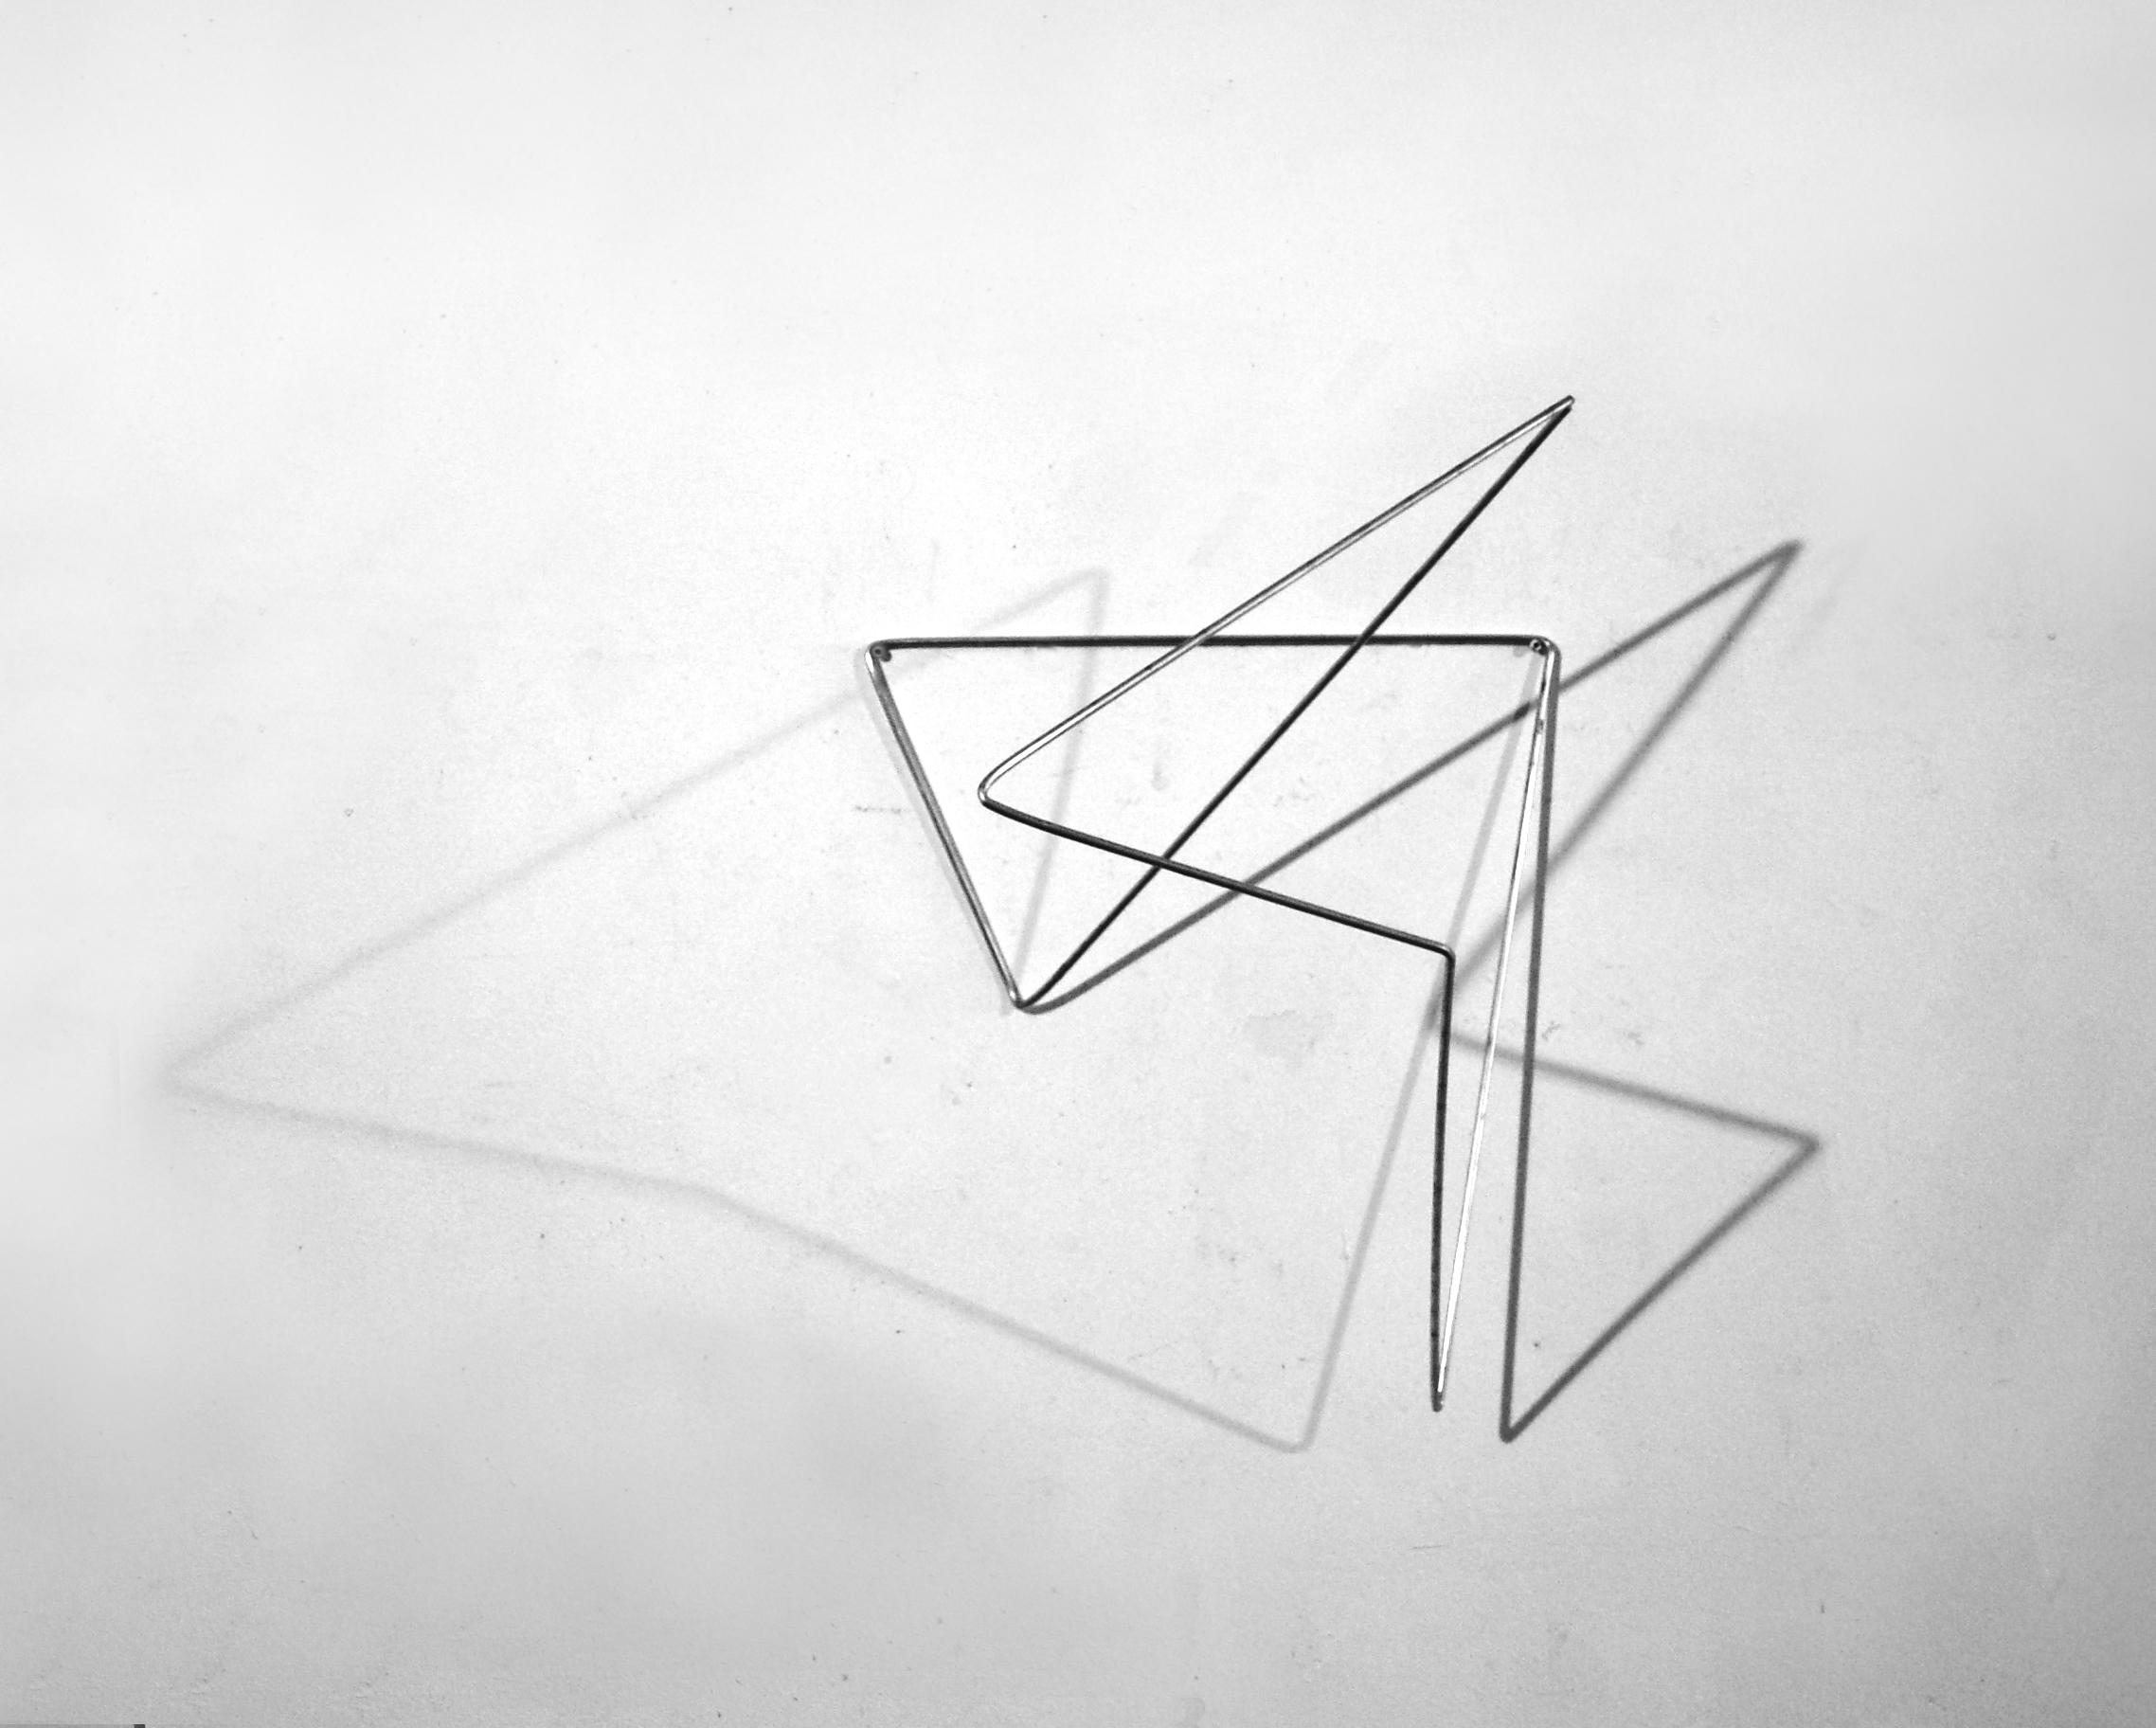 Antje Blumenstein, folded 04, 2018, Alurundstab gefaltet, 59 x 35 x 42 cm